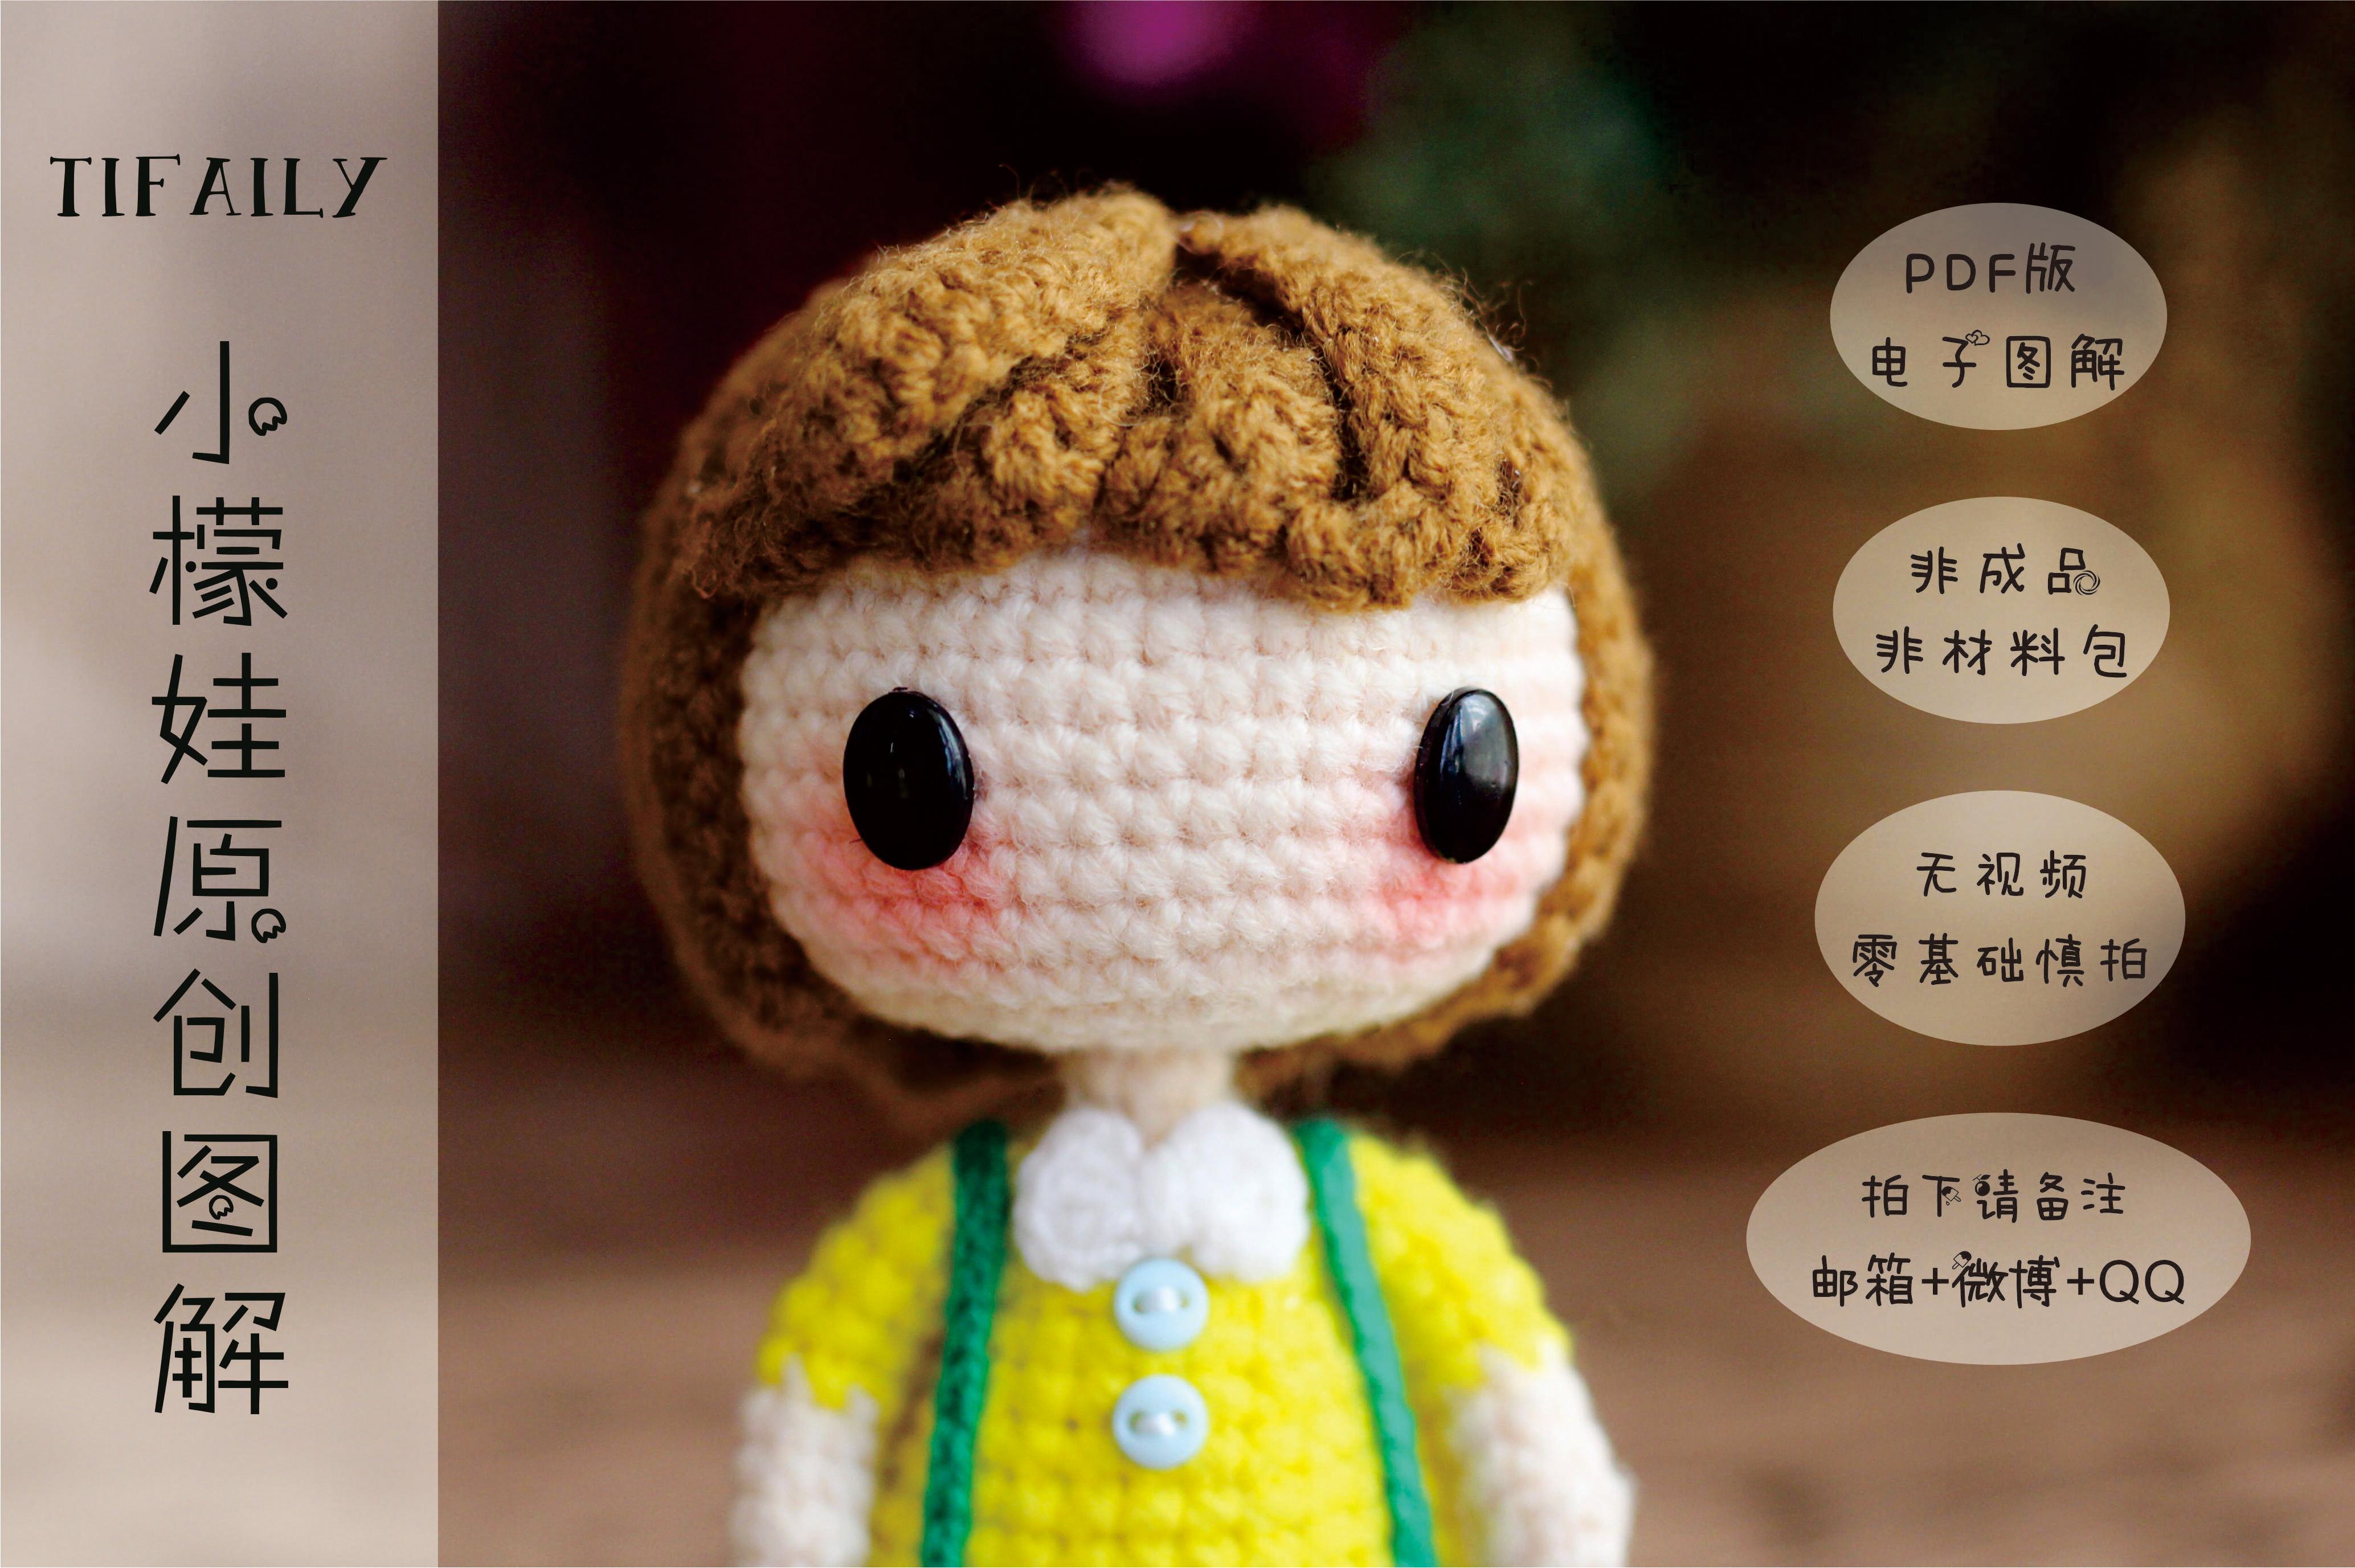 【tifaily原创】小檬娃 钩针电子图解 (非成品)无视频教程